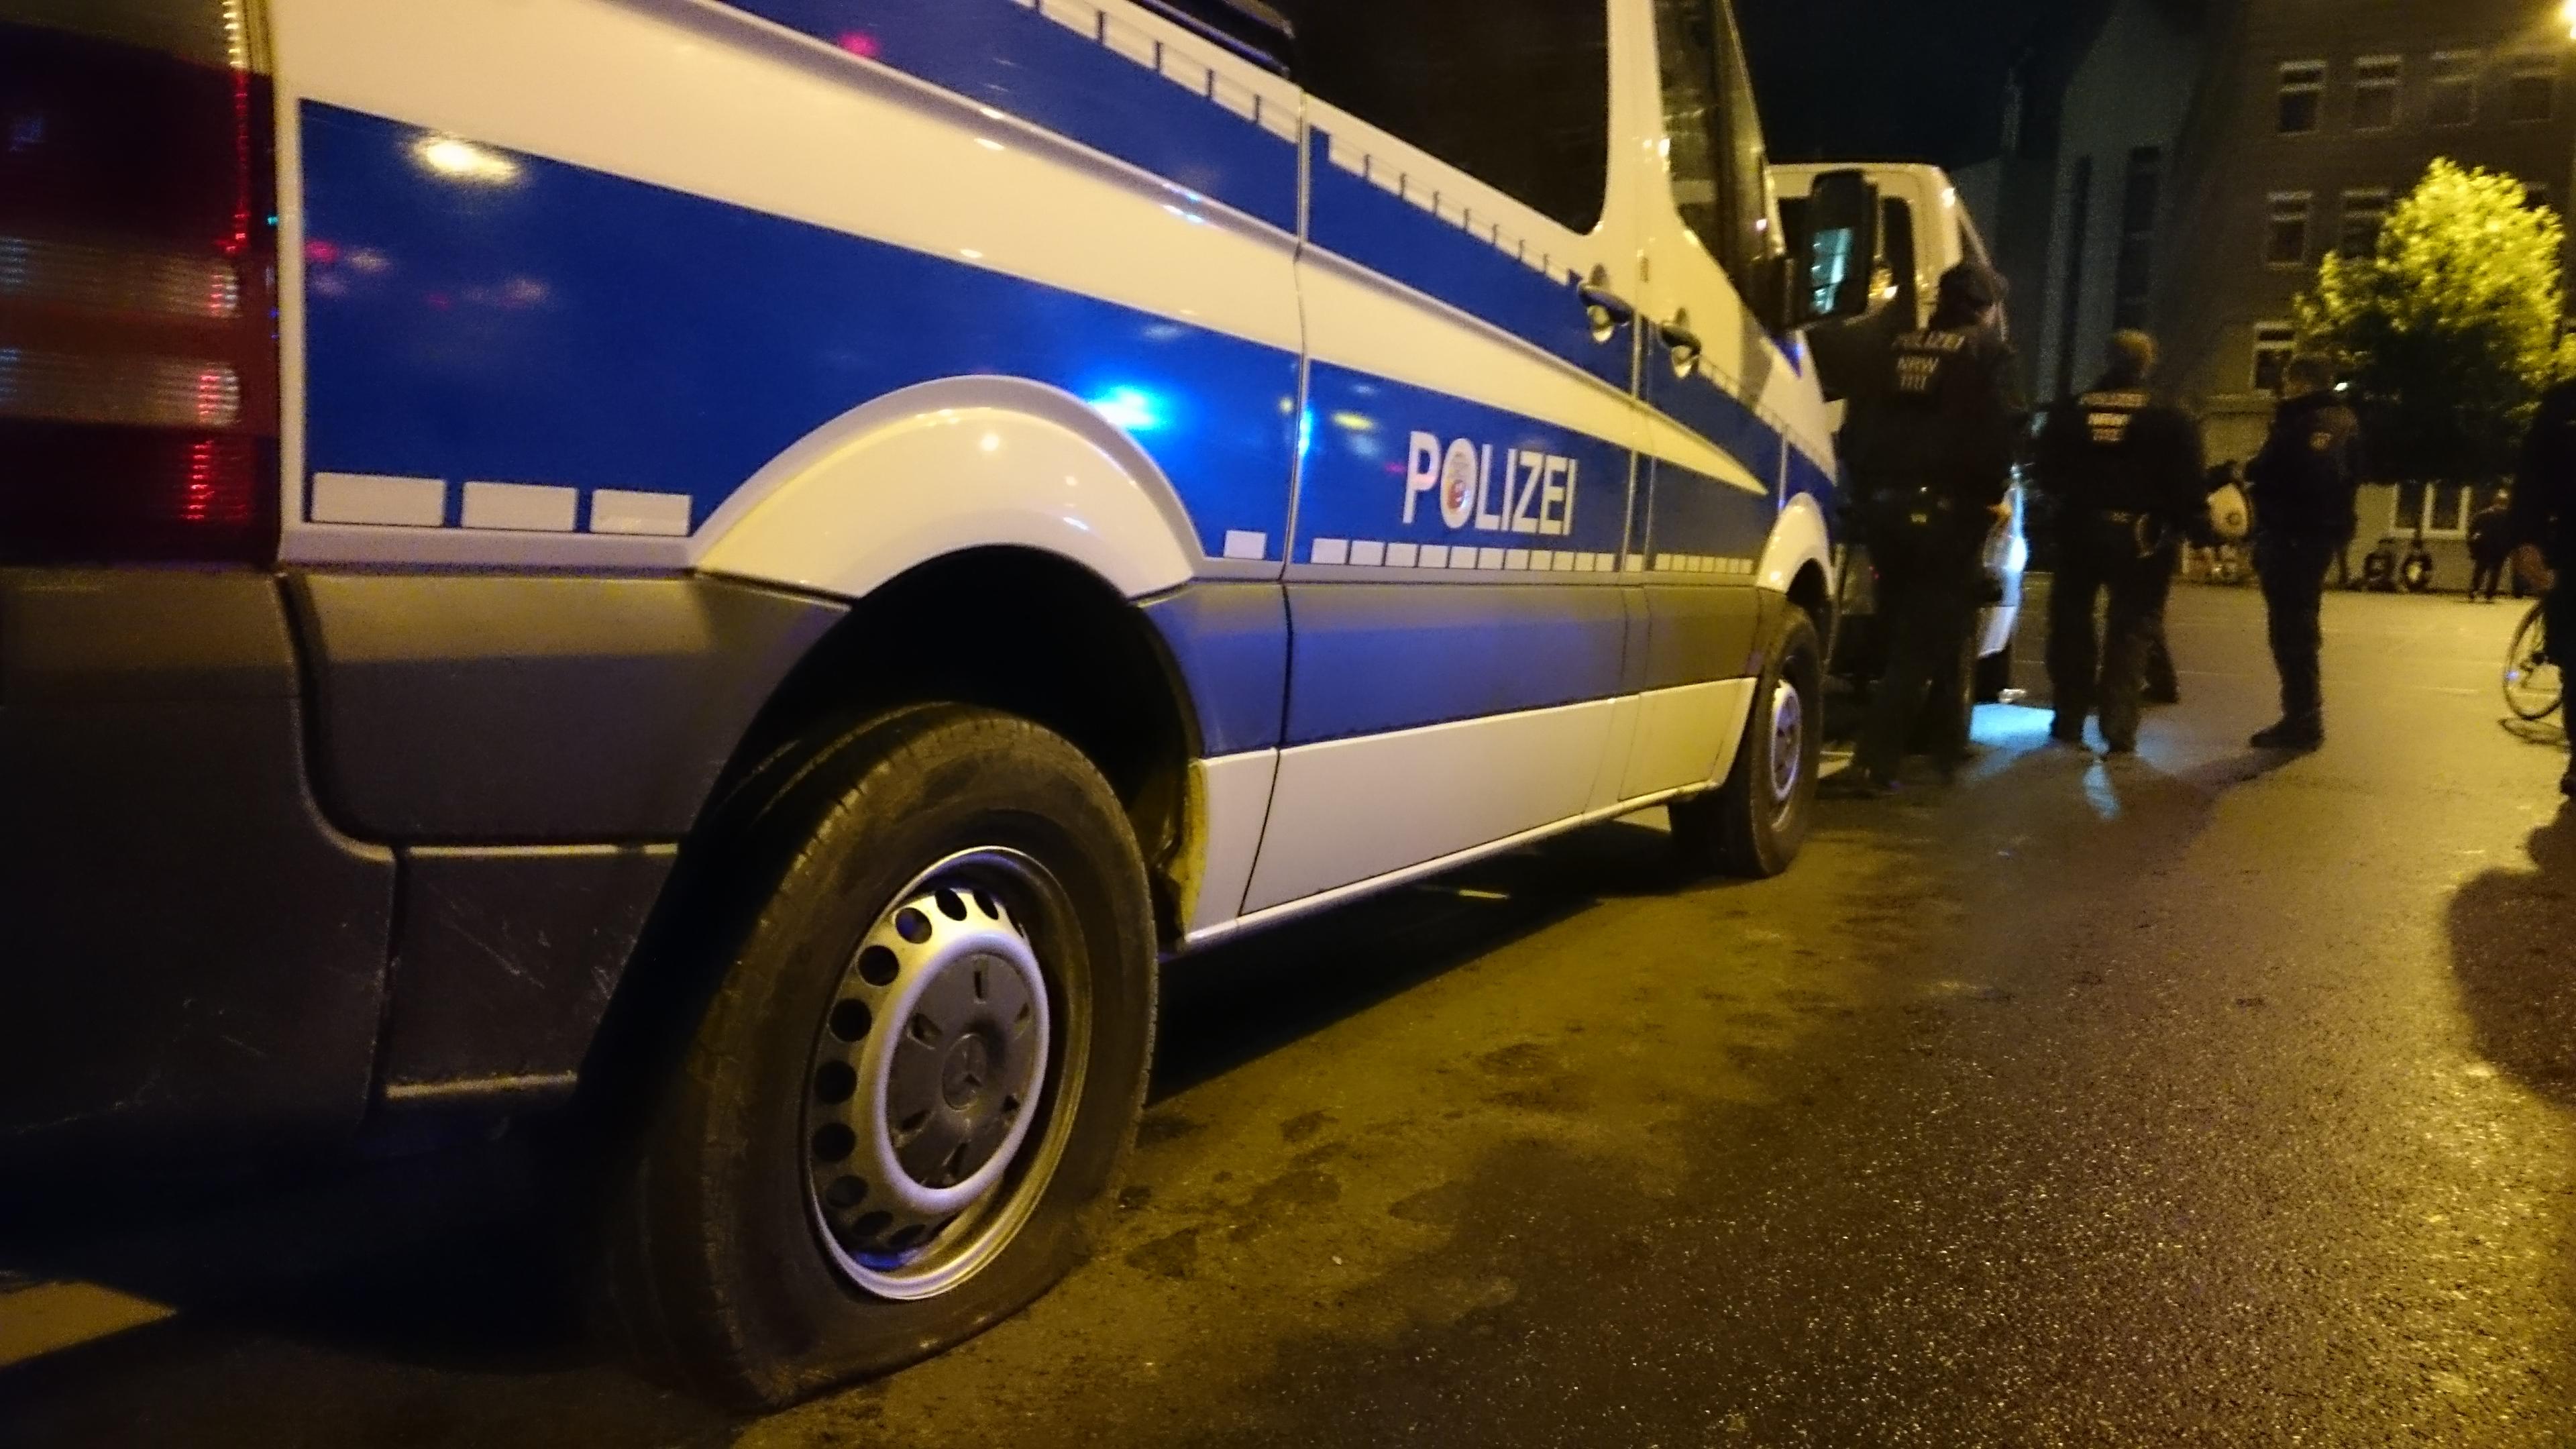 Eines von mehreren beschädigten Einsatzfahrzeugen der Polizei. / Foto: Florian Kohl